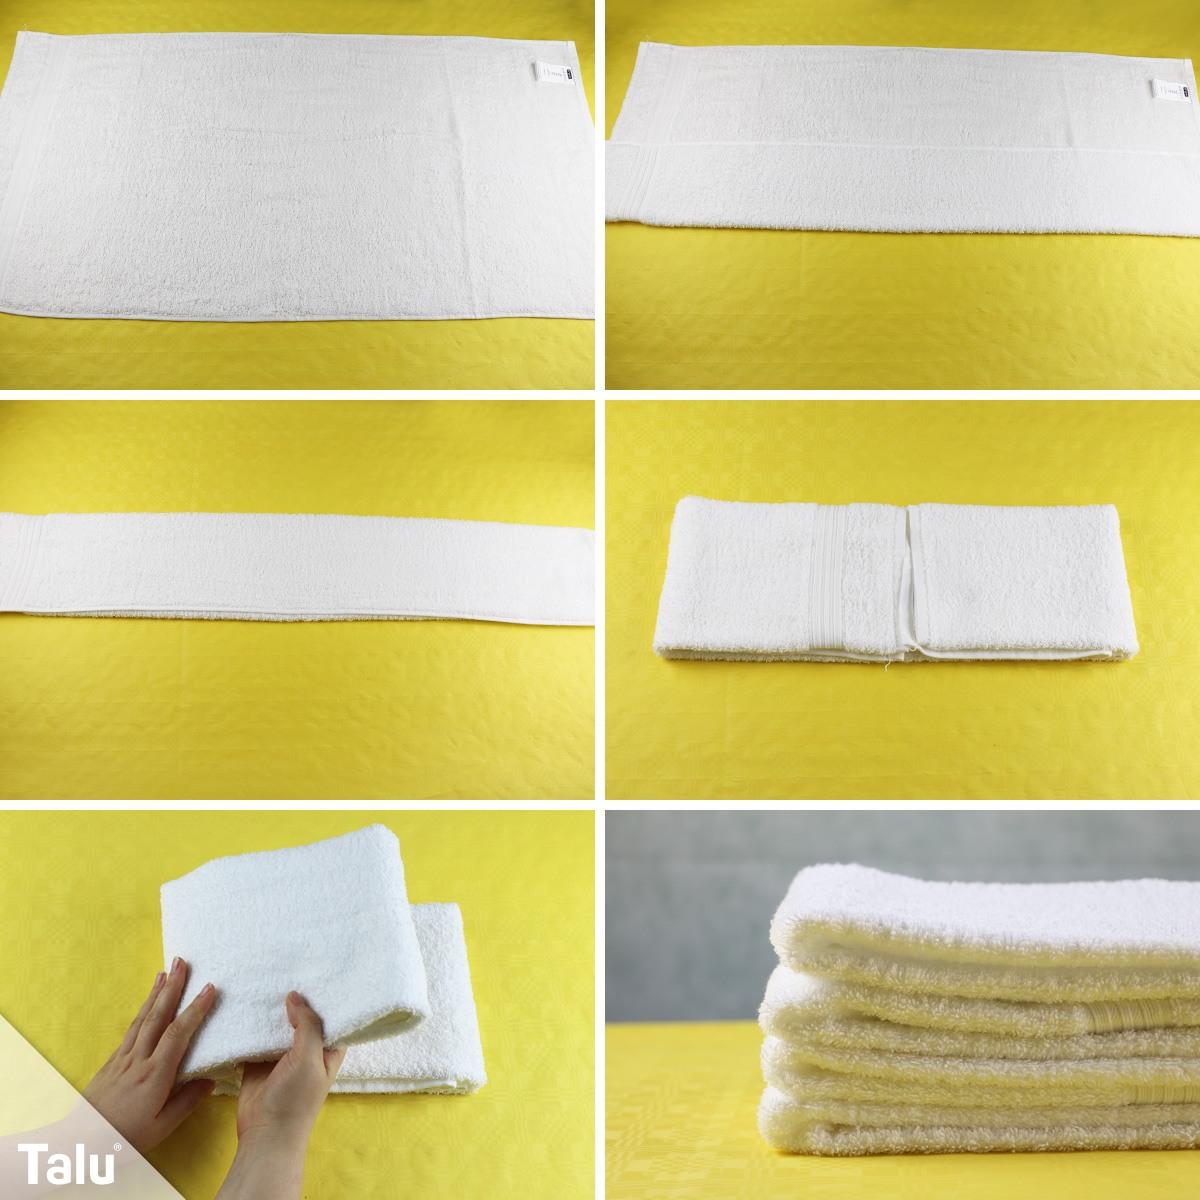 Handtücher zusammenlegen